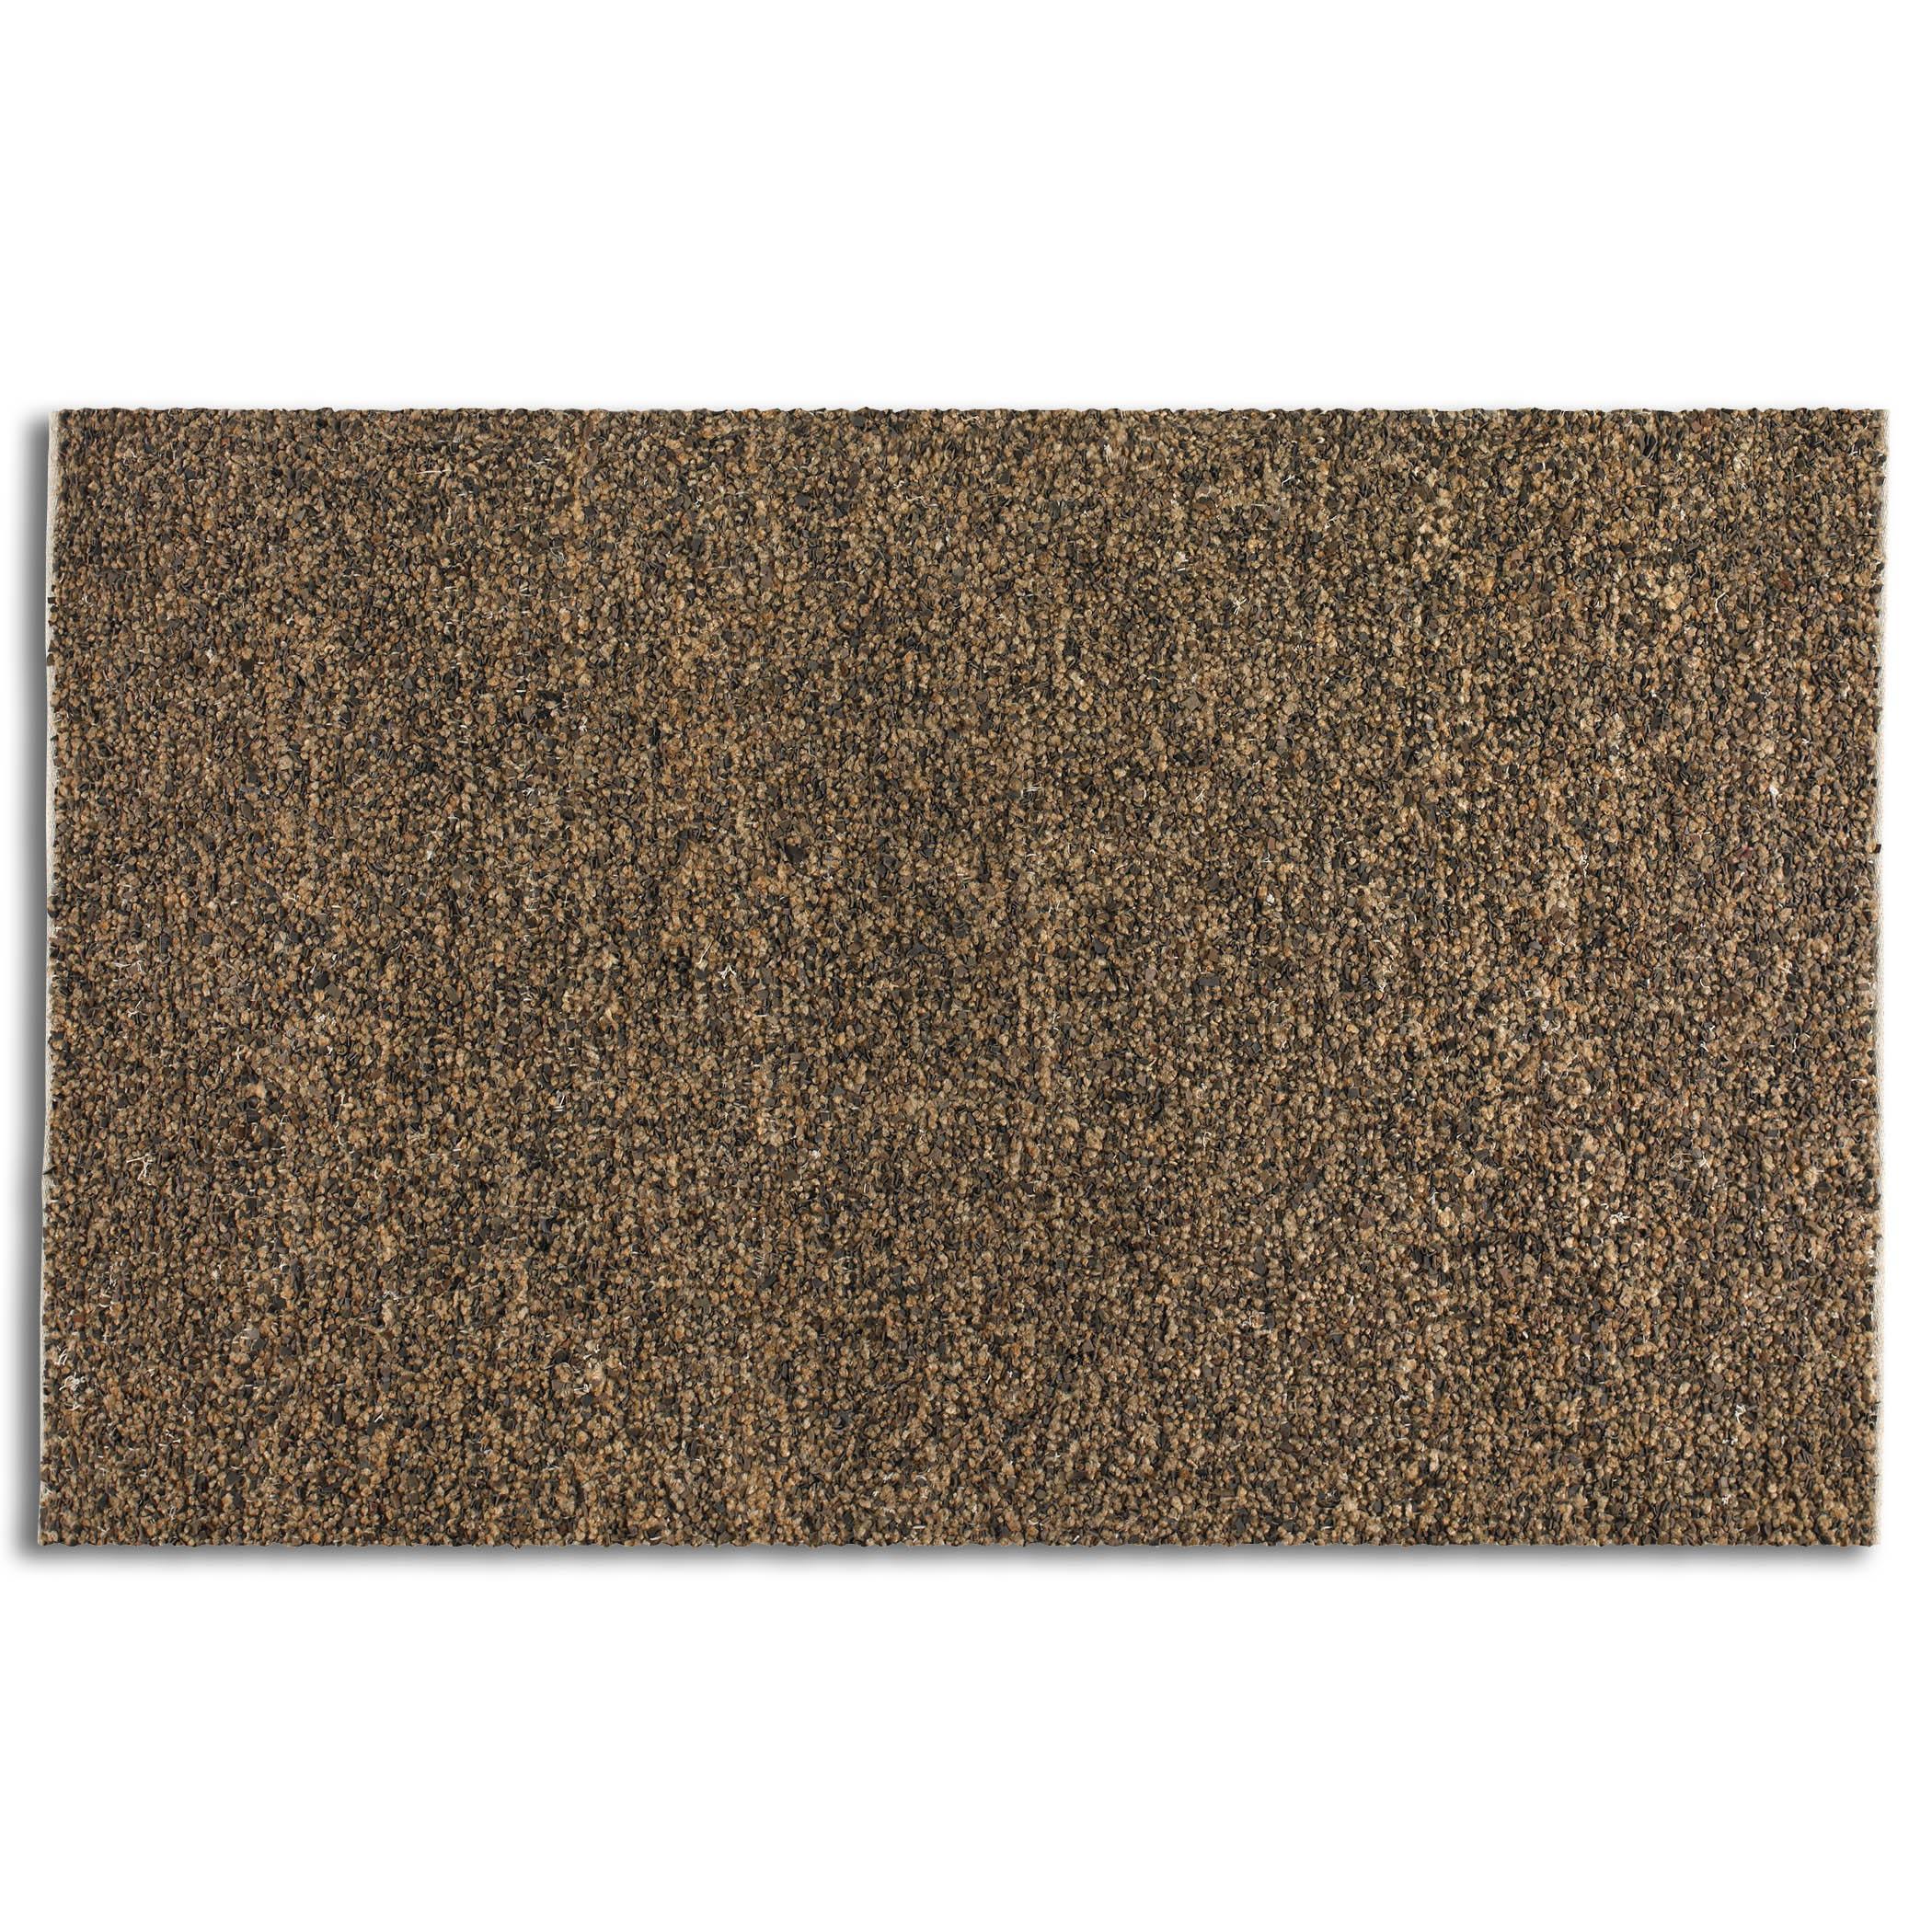 Uttermost Rugs Tufara 8 X 10 Rug - Brown - Item Number: 71046-8